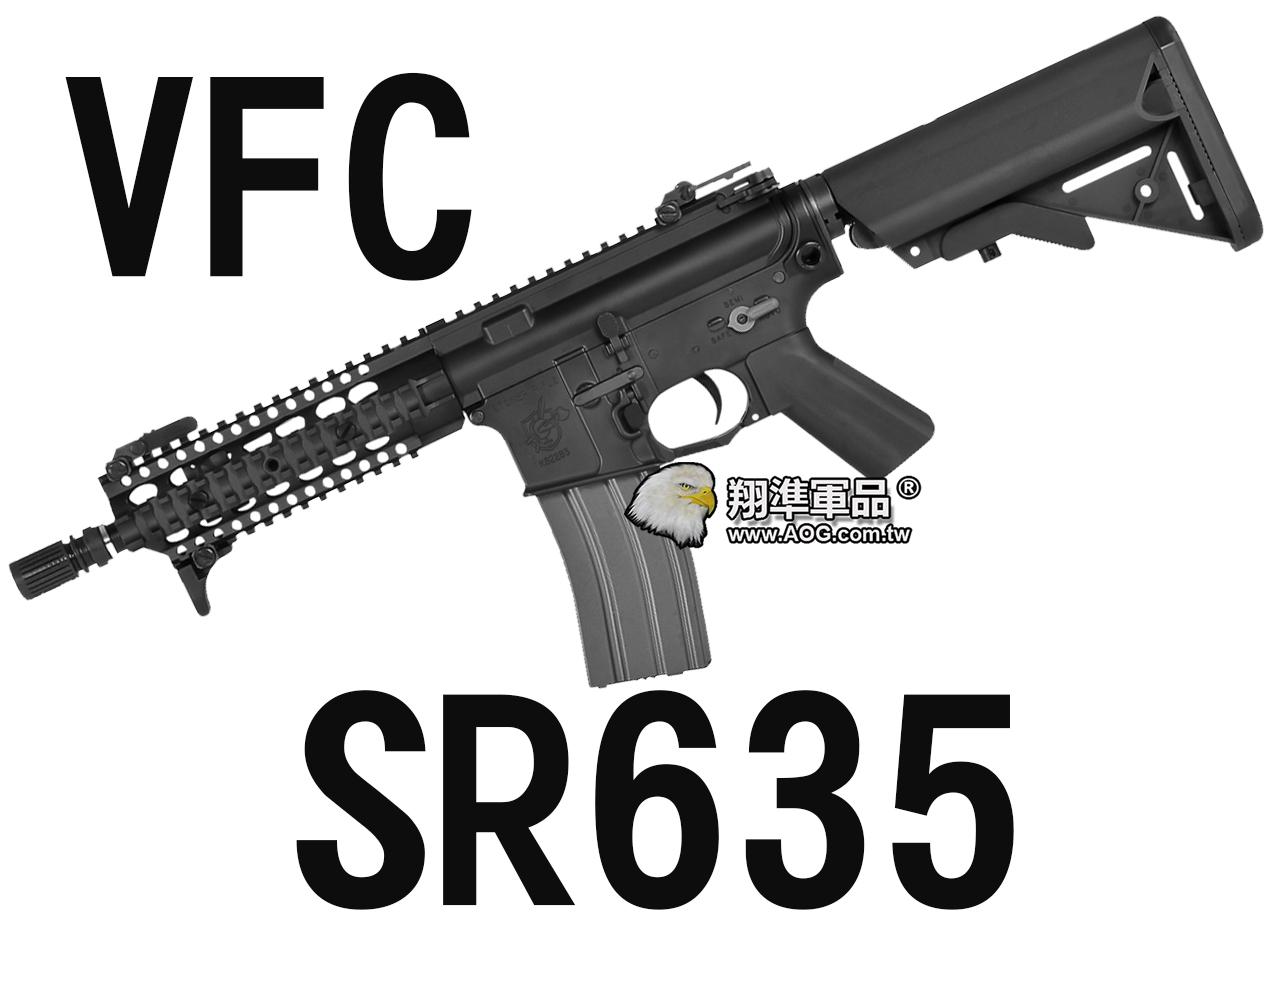 【翔準軍品AOG】【VFC】SR635 海豹托 魚骨版 電動槍 長槍 衝鋒槍 黑色  VF1-LSR635-BK81